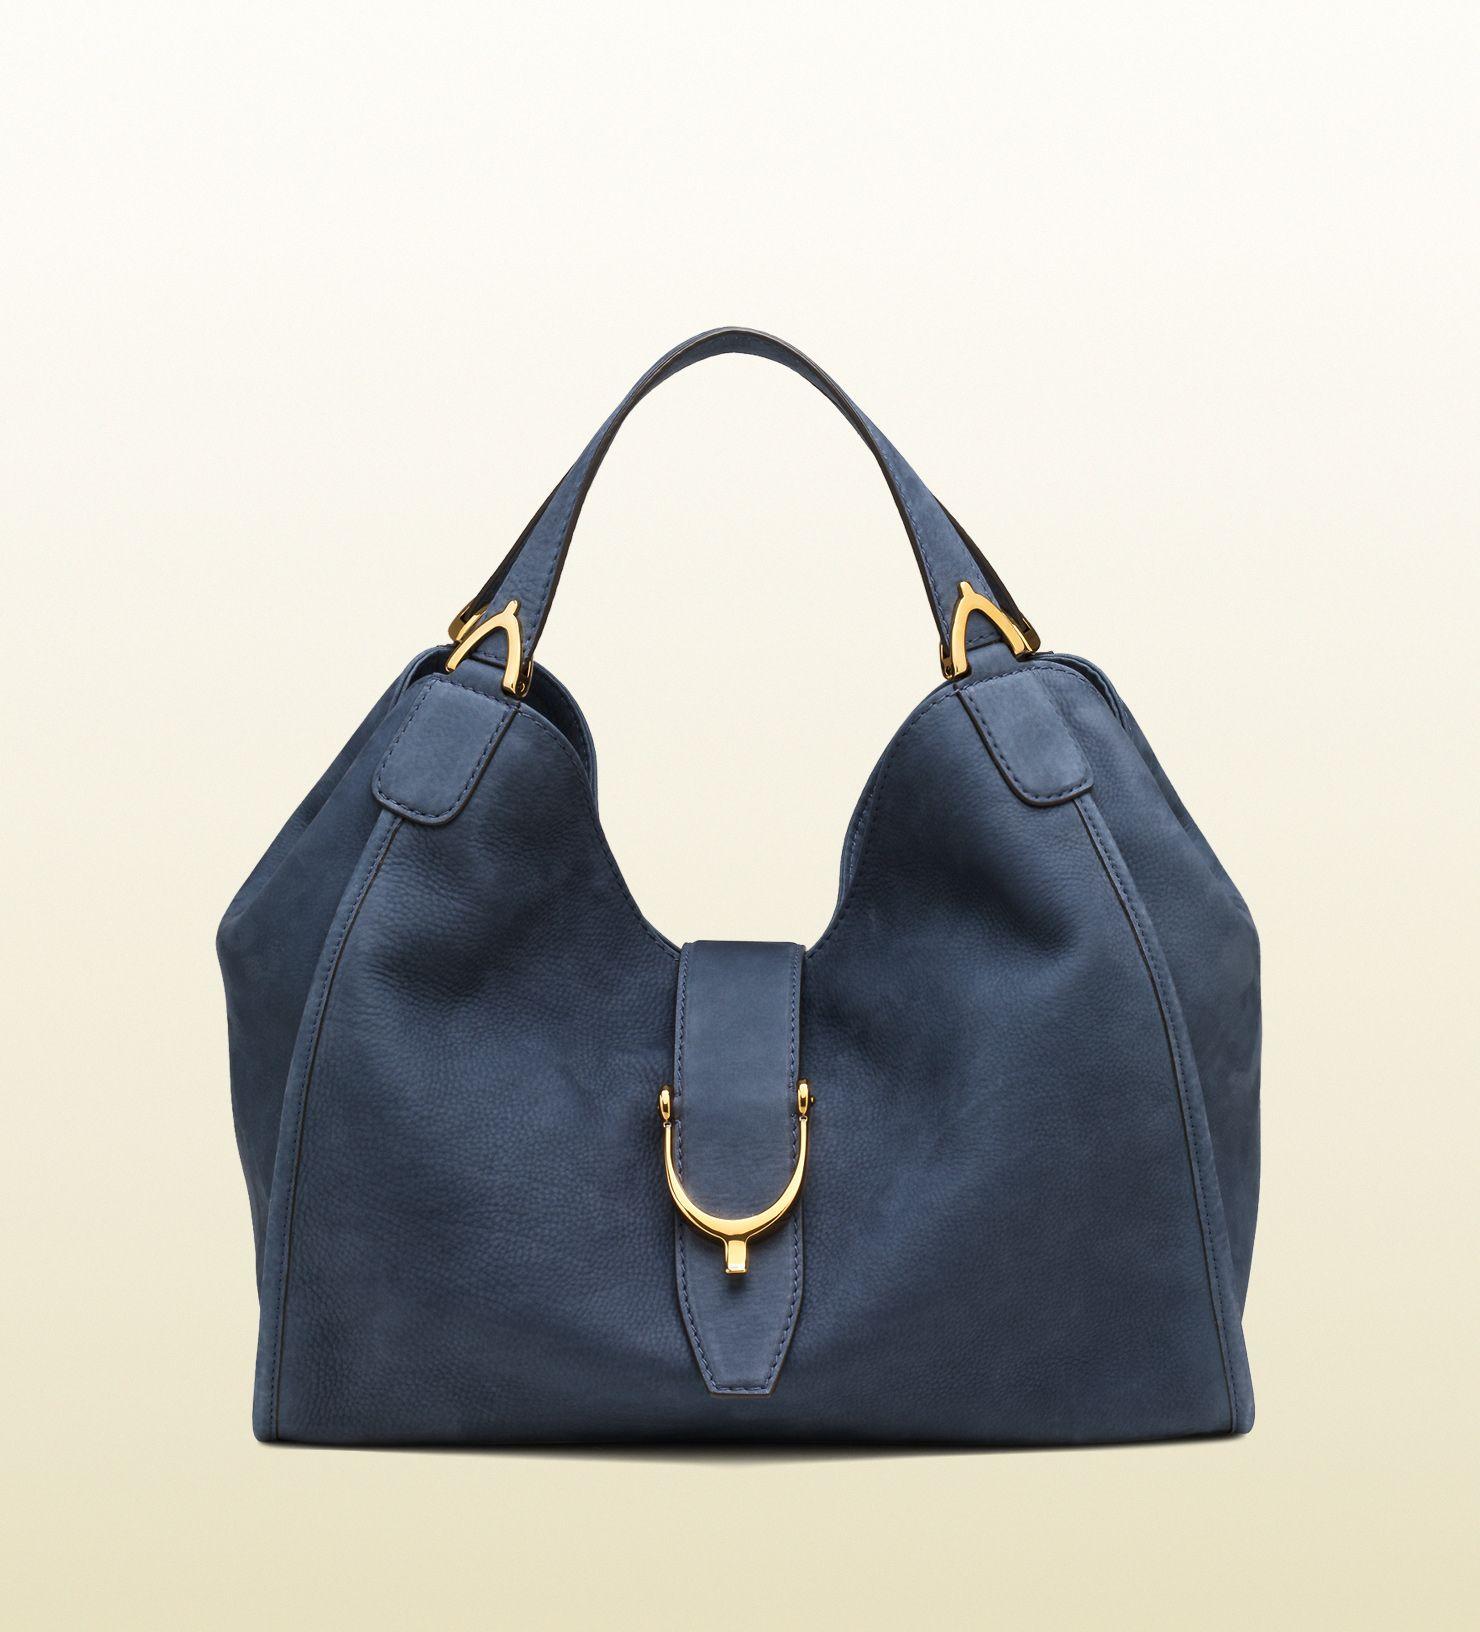 Gucci-borsa a spalla soft stirrup in camoscio | Borse | Pinterest ...